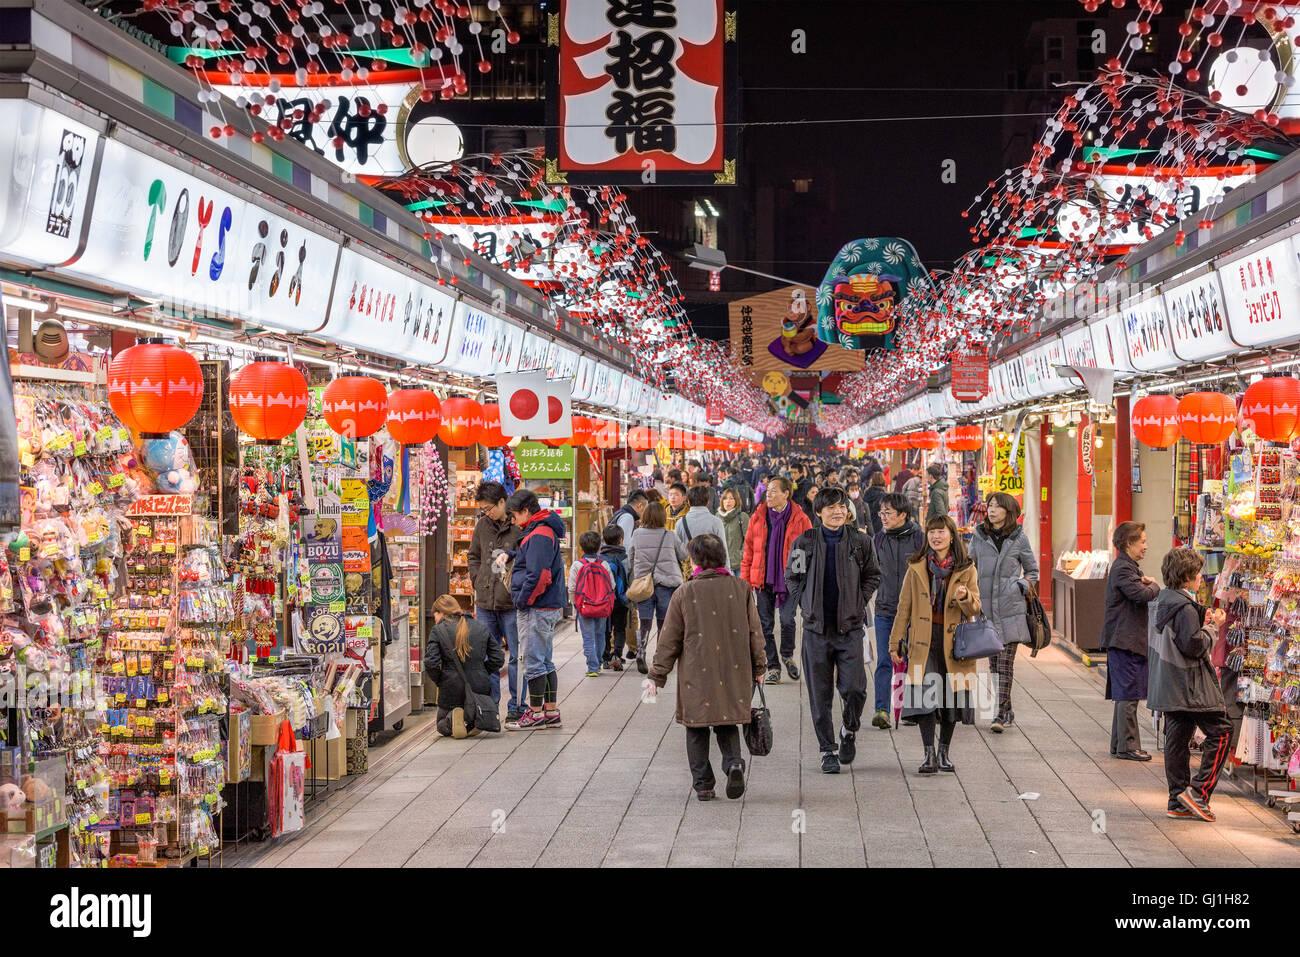 Galería comercial en el Templo Sensoji en Asakusa, Tokio, Japón. Imagen De Stock